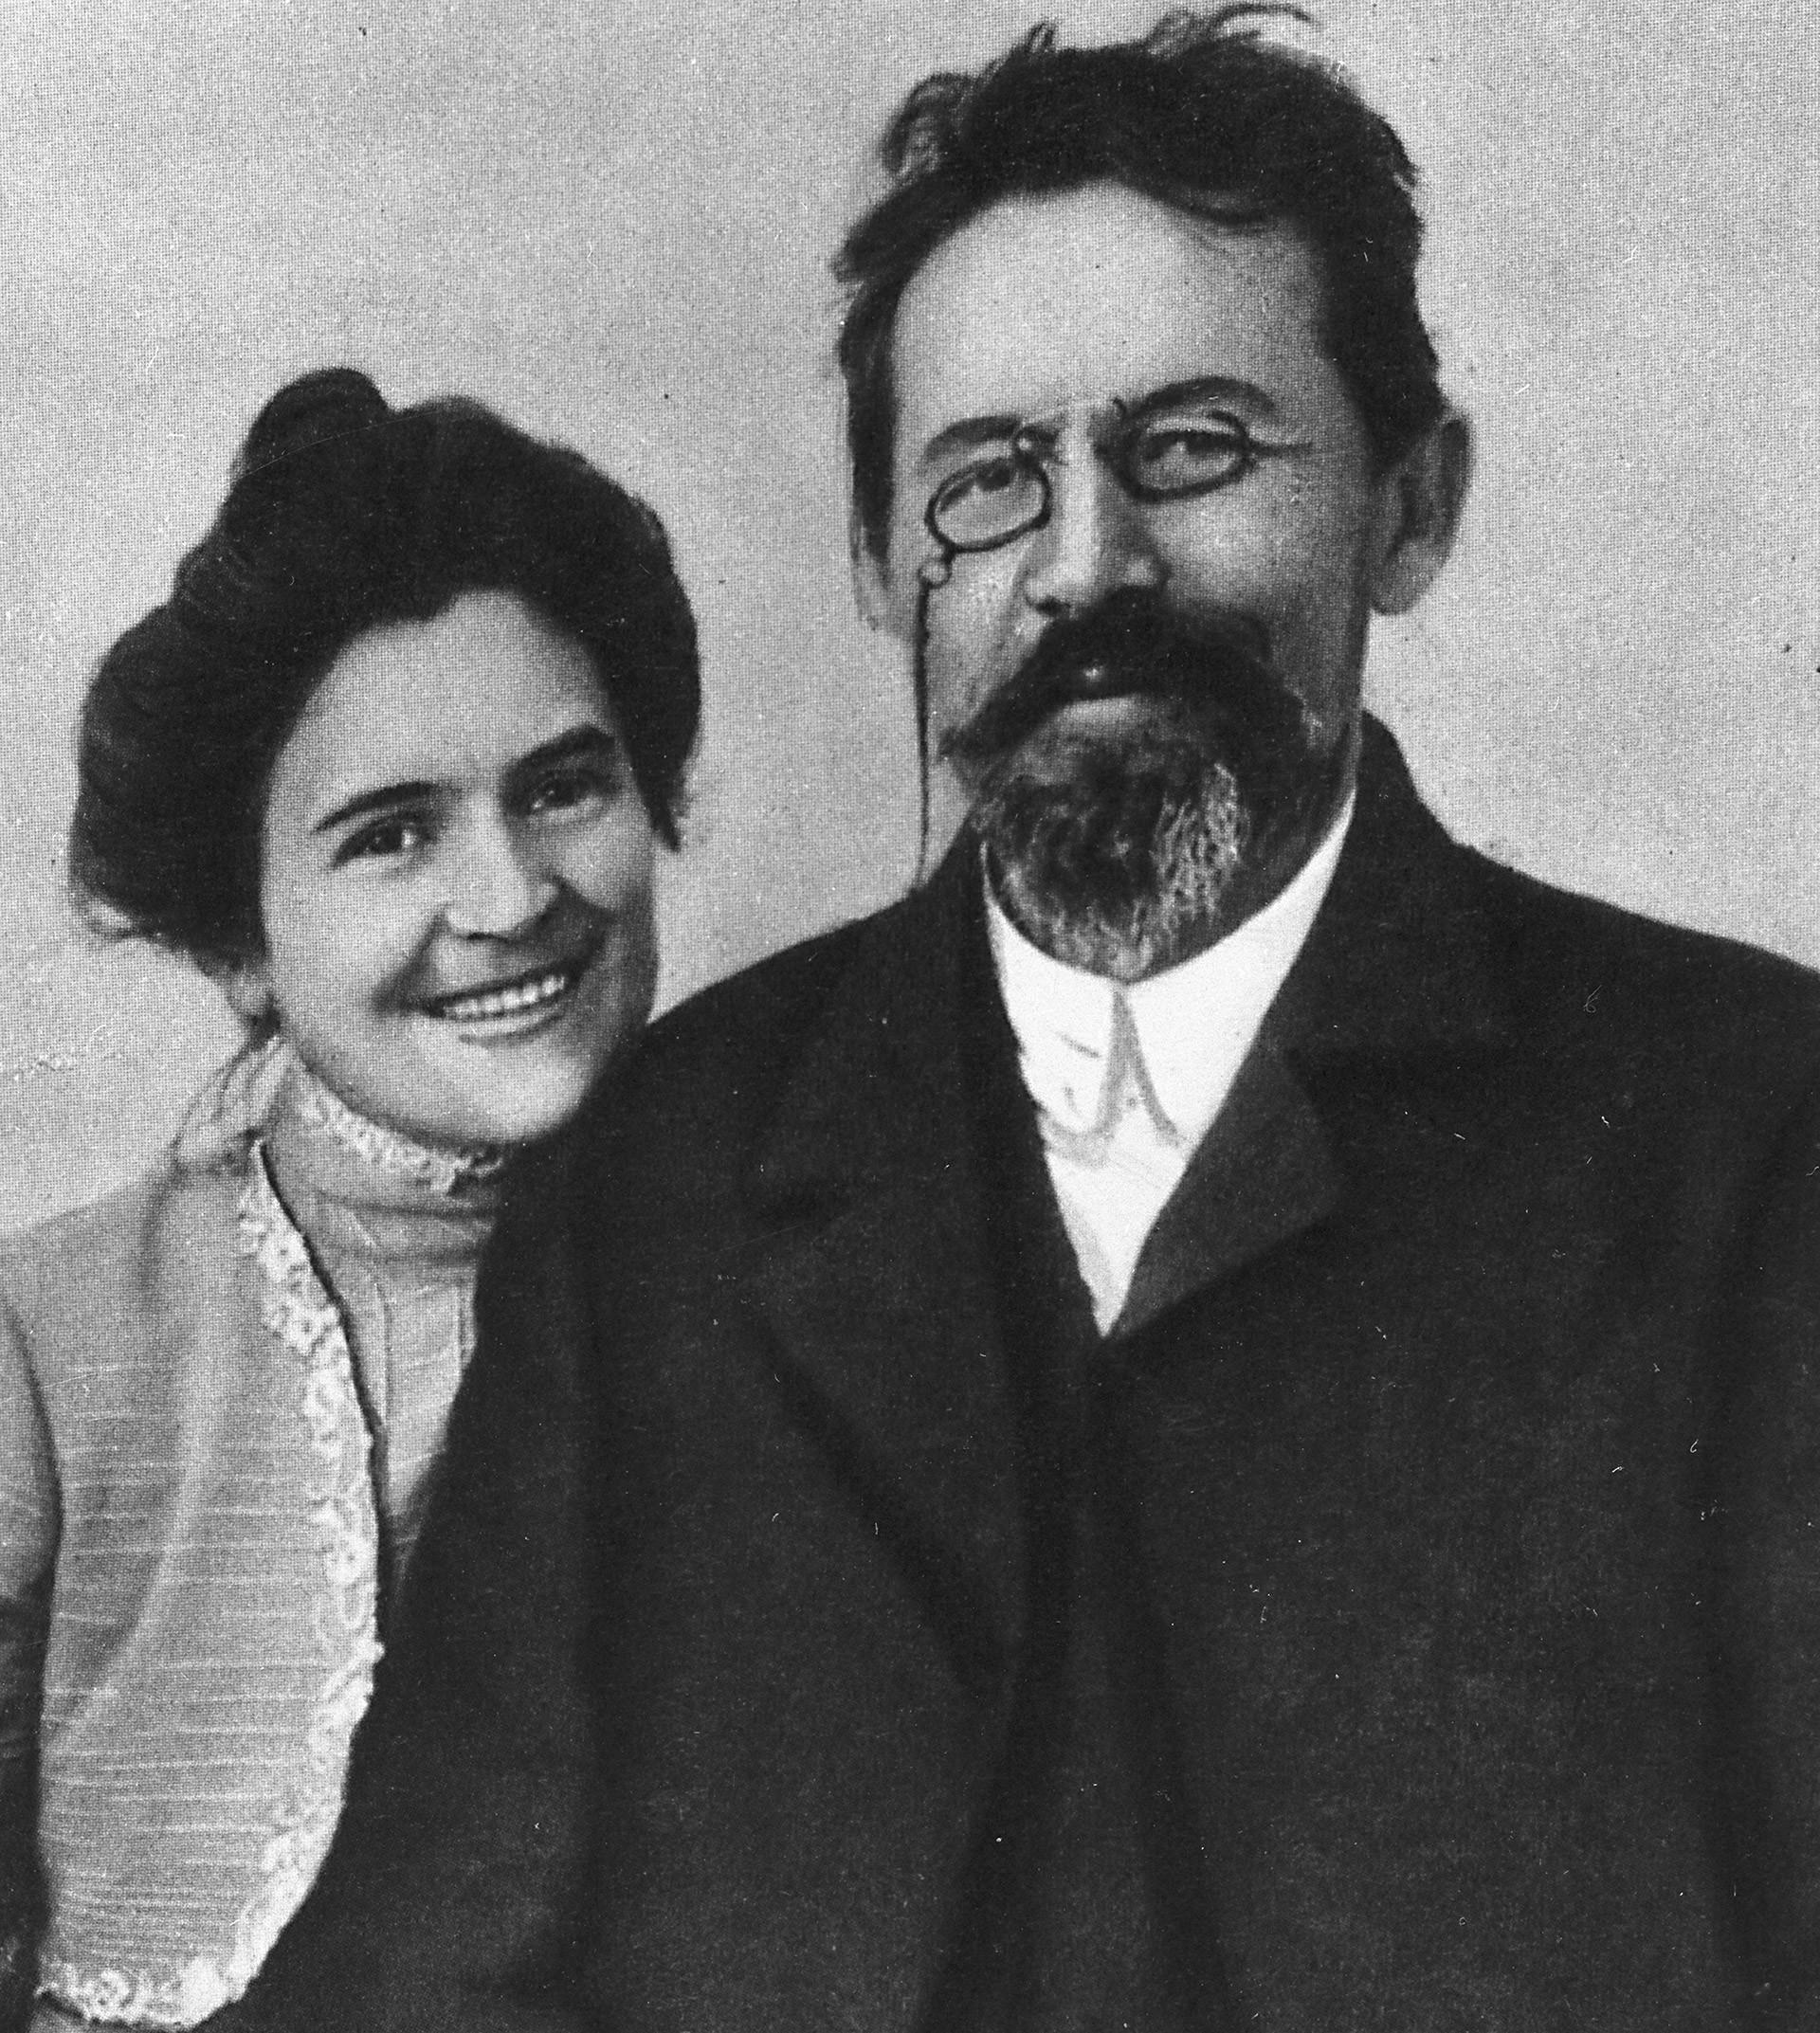 Und dies ist eines der seltensten Bilder des Dramatikers - denn hier lächelt er! Bei ihm ist seine Frau Olga Knippe, Theaterschauspielerin, die häufig die Hauptrollen in den Stücken ihres Mannes verkörperte. Kennengelernt hatten sich die beiden auch im Theater: bei Proben für Tschechows